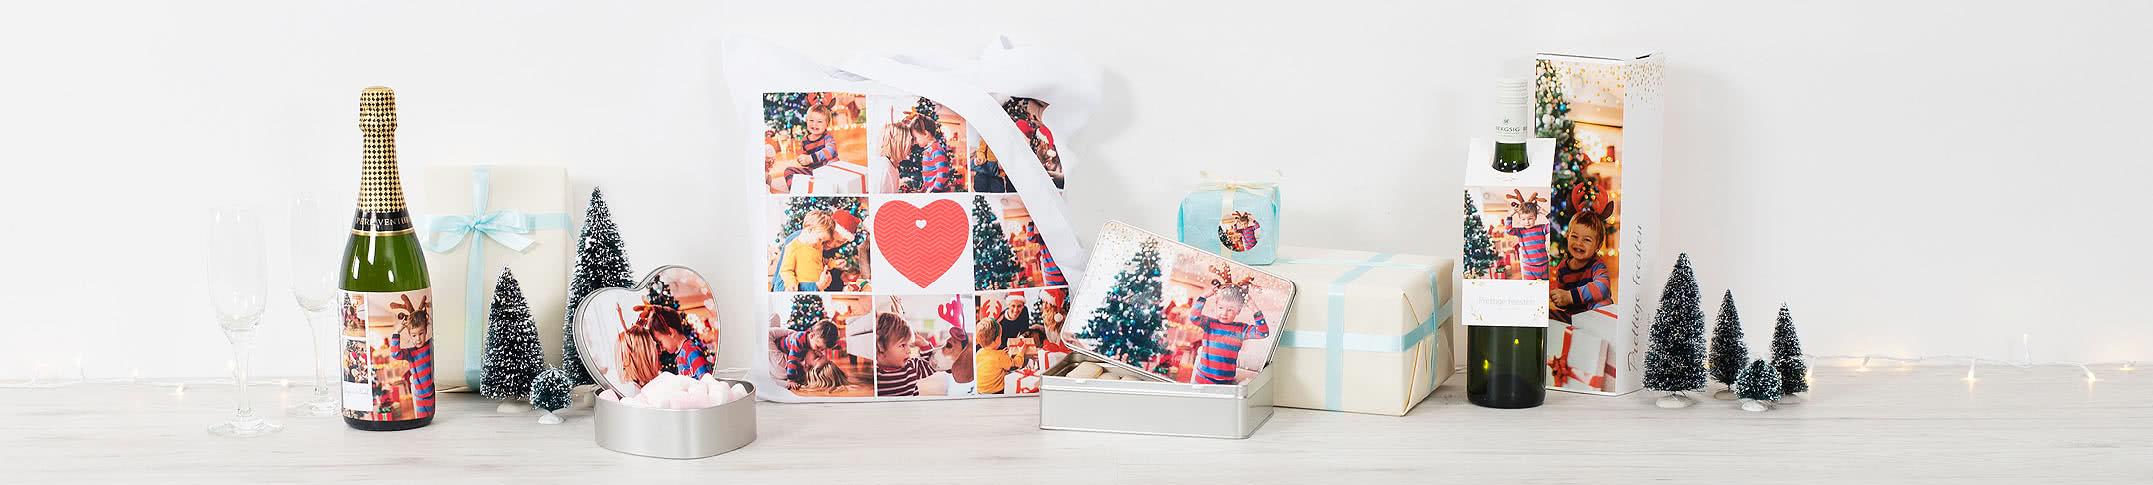 emballage cadeau de Noël personnalisé